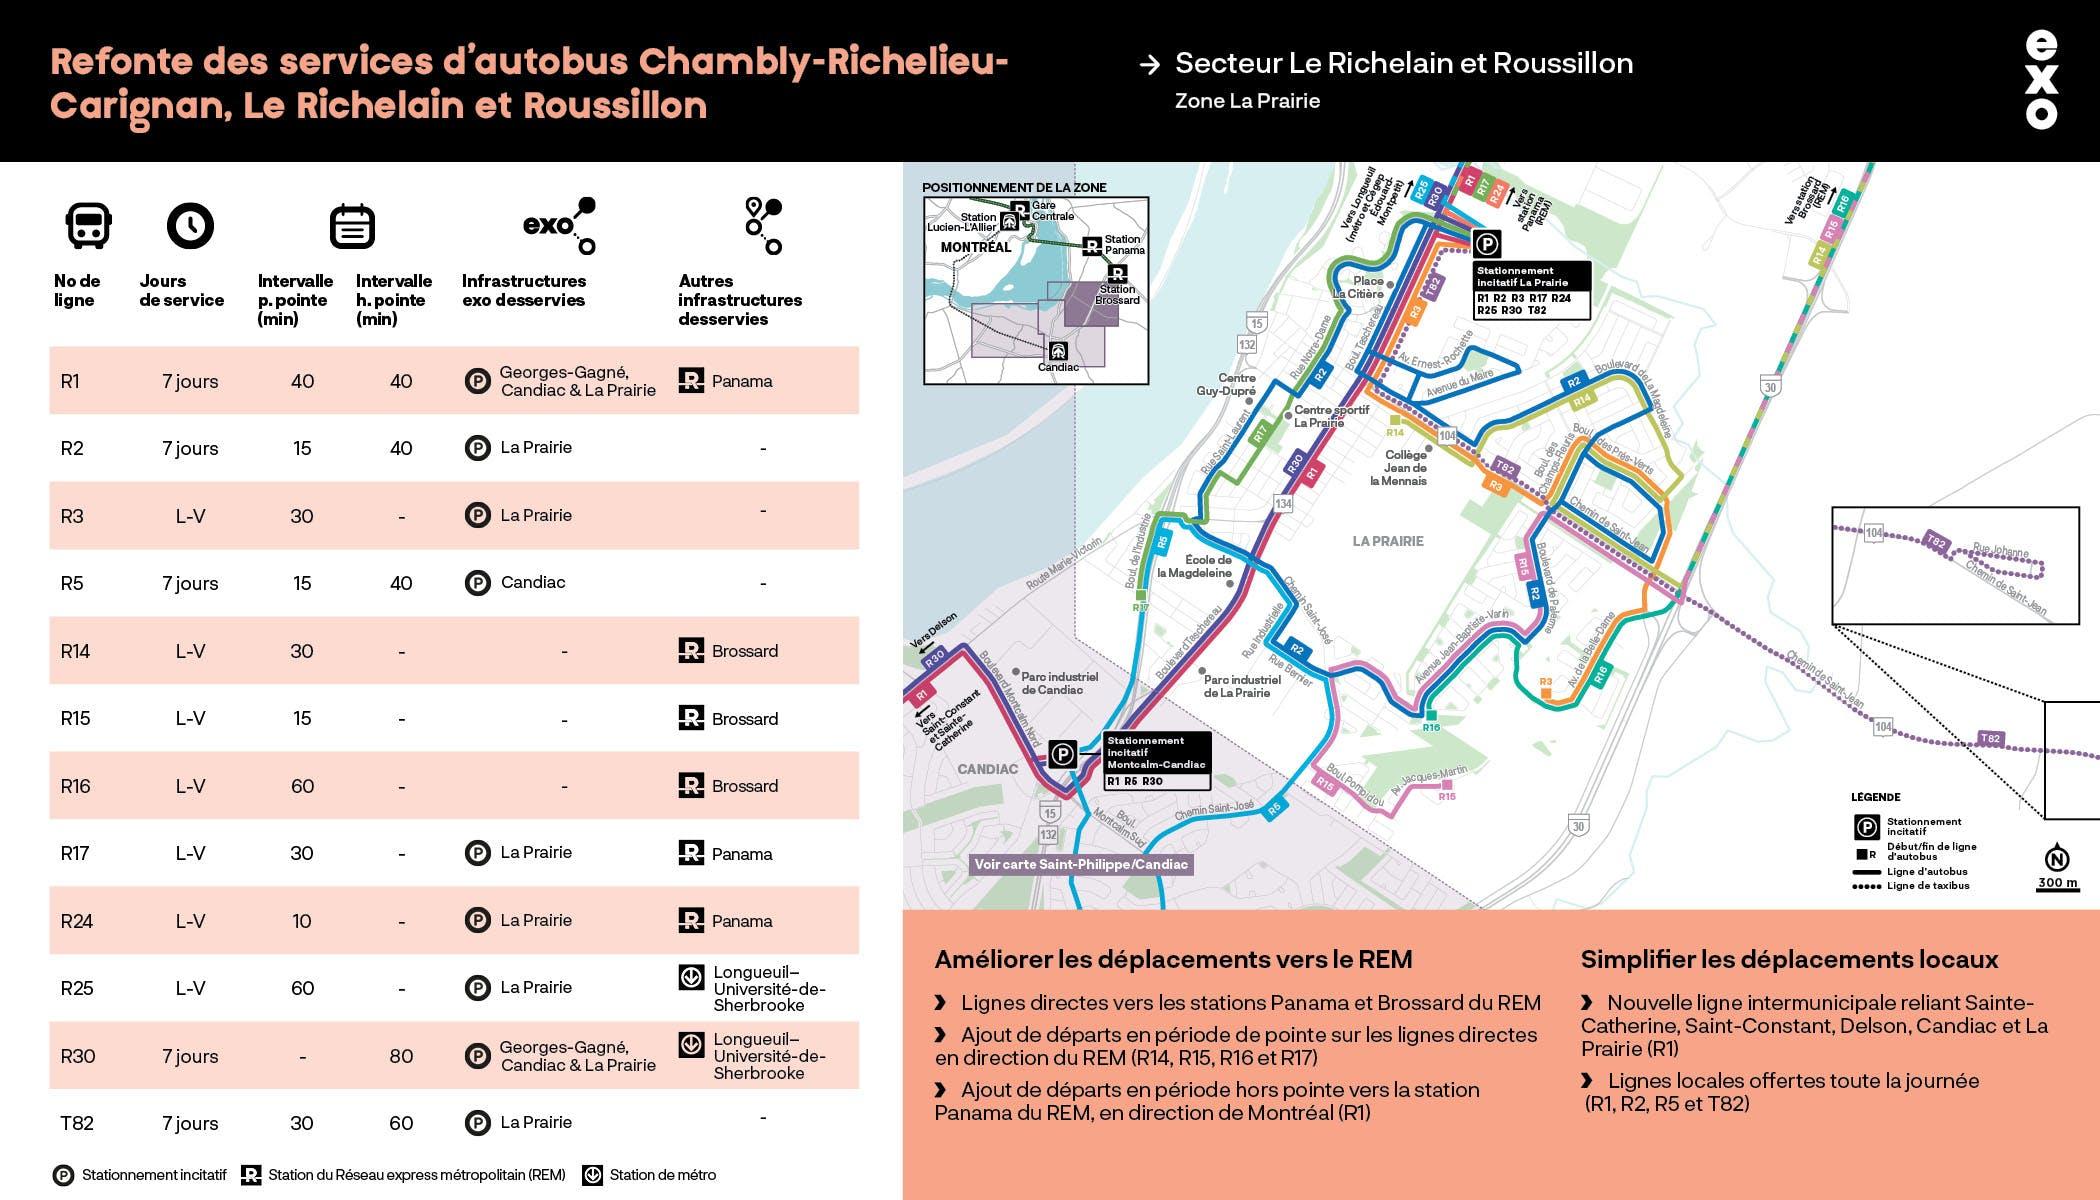 Secteur Le Richelain et Roussillon : Zone La Prairie